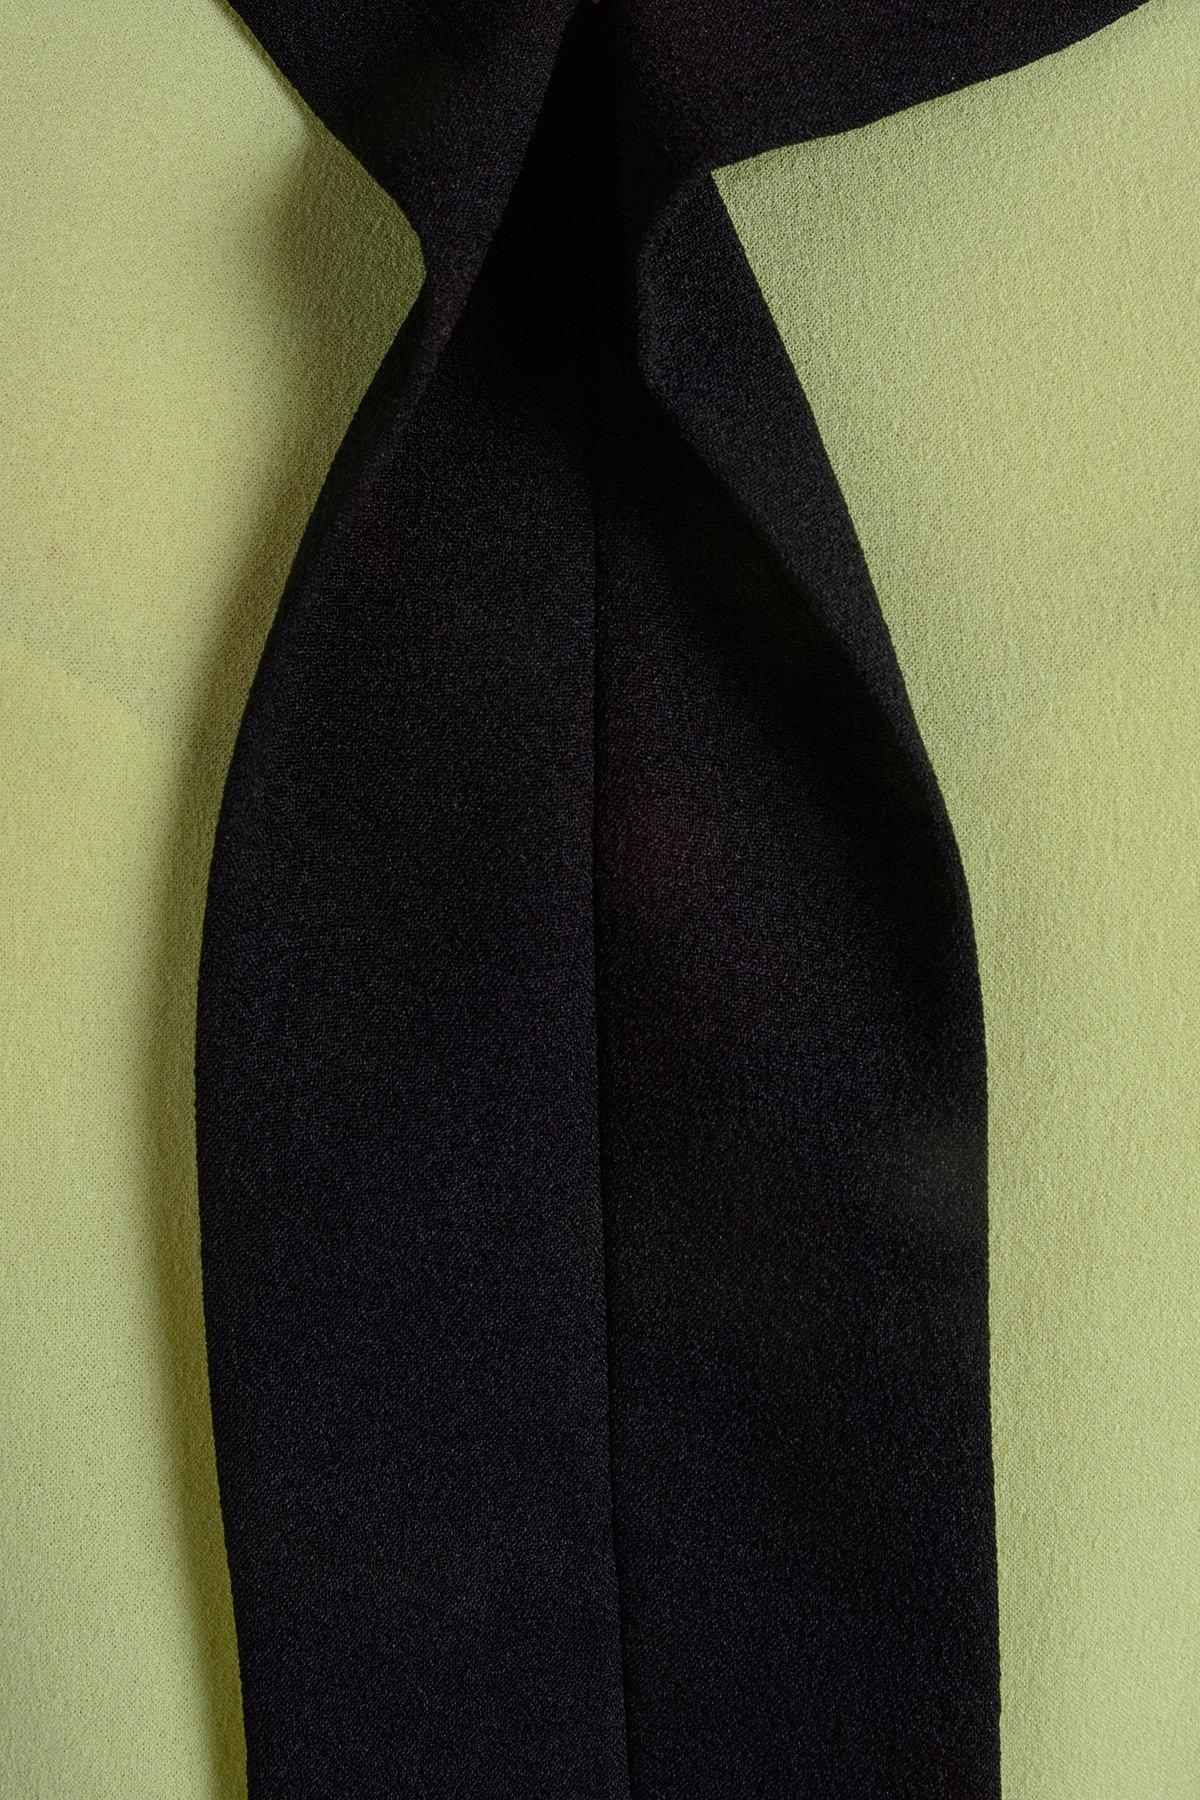 Блуза Фанги 175 Цвет: Лайм / черный